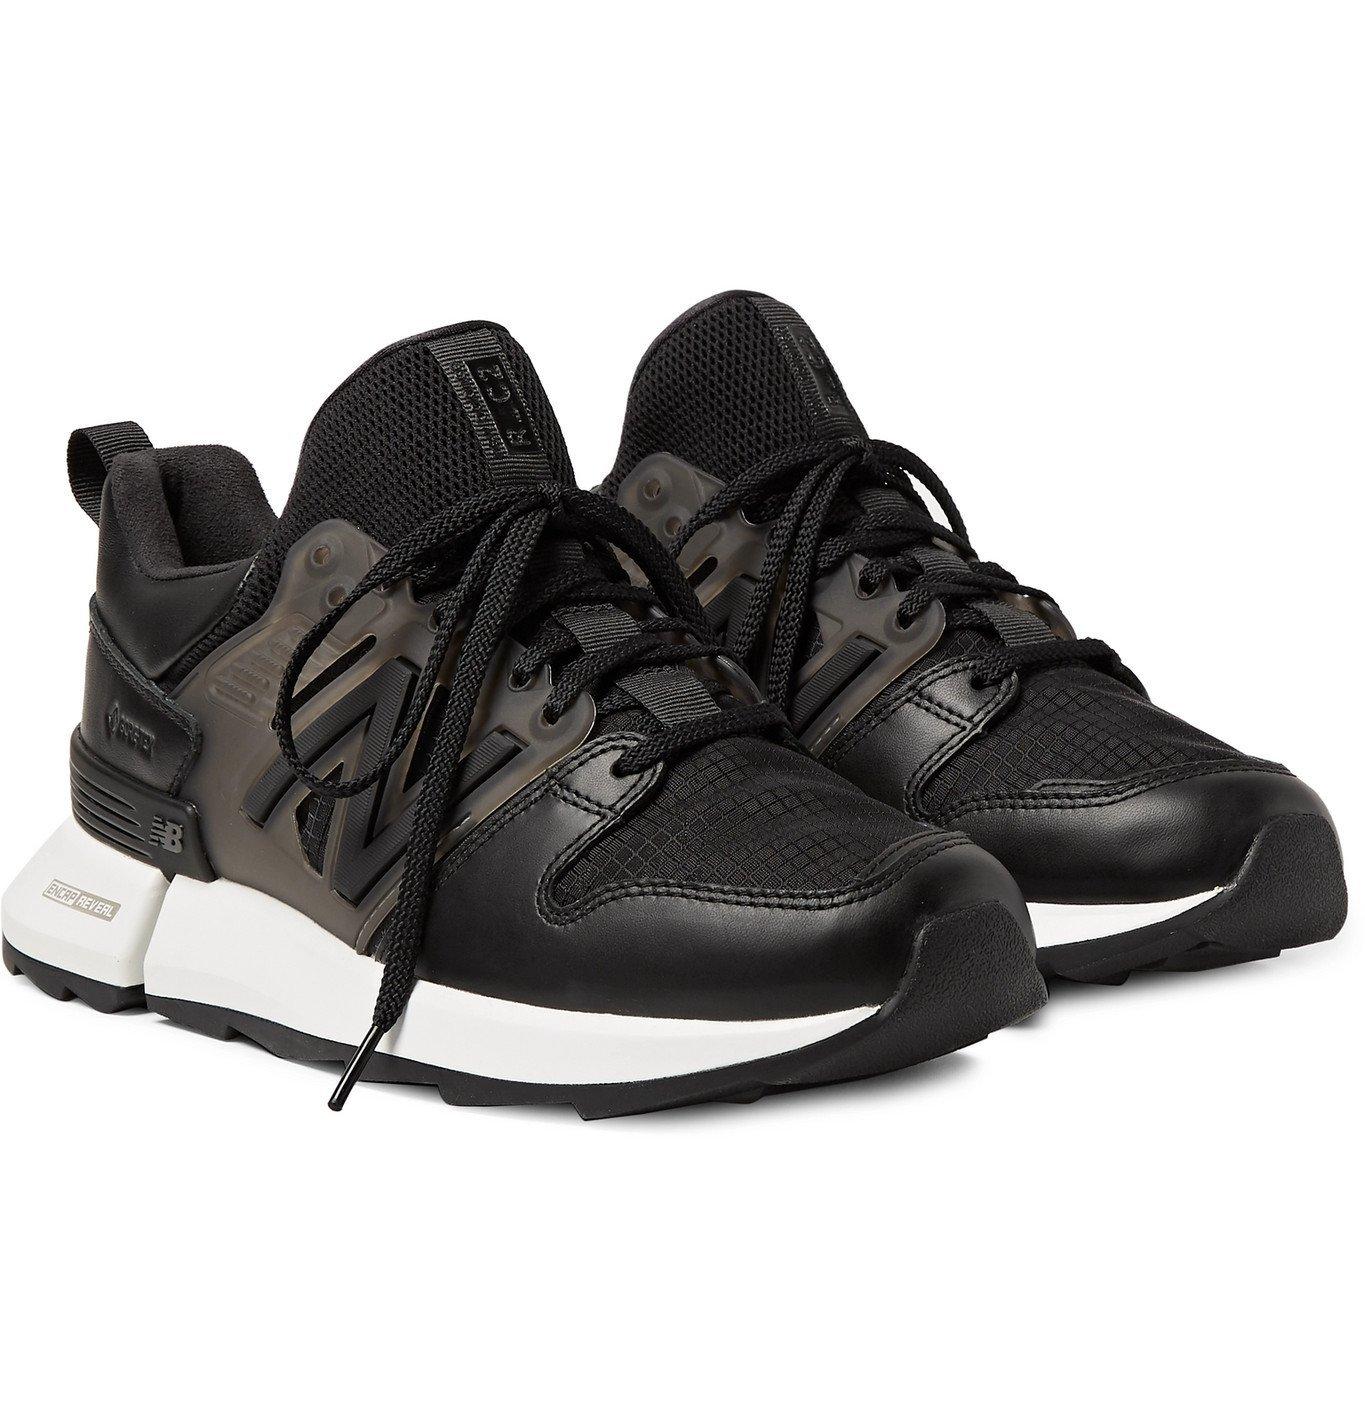 Comme des Garçons HOMME - New Balance MSRC2 GORE-TEX Leather ...